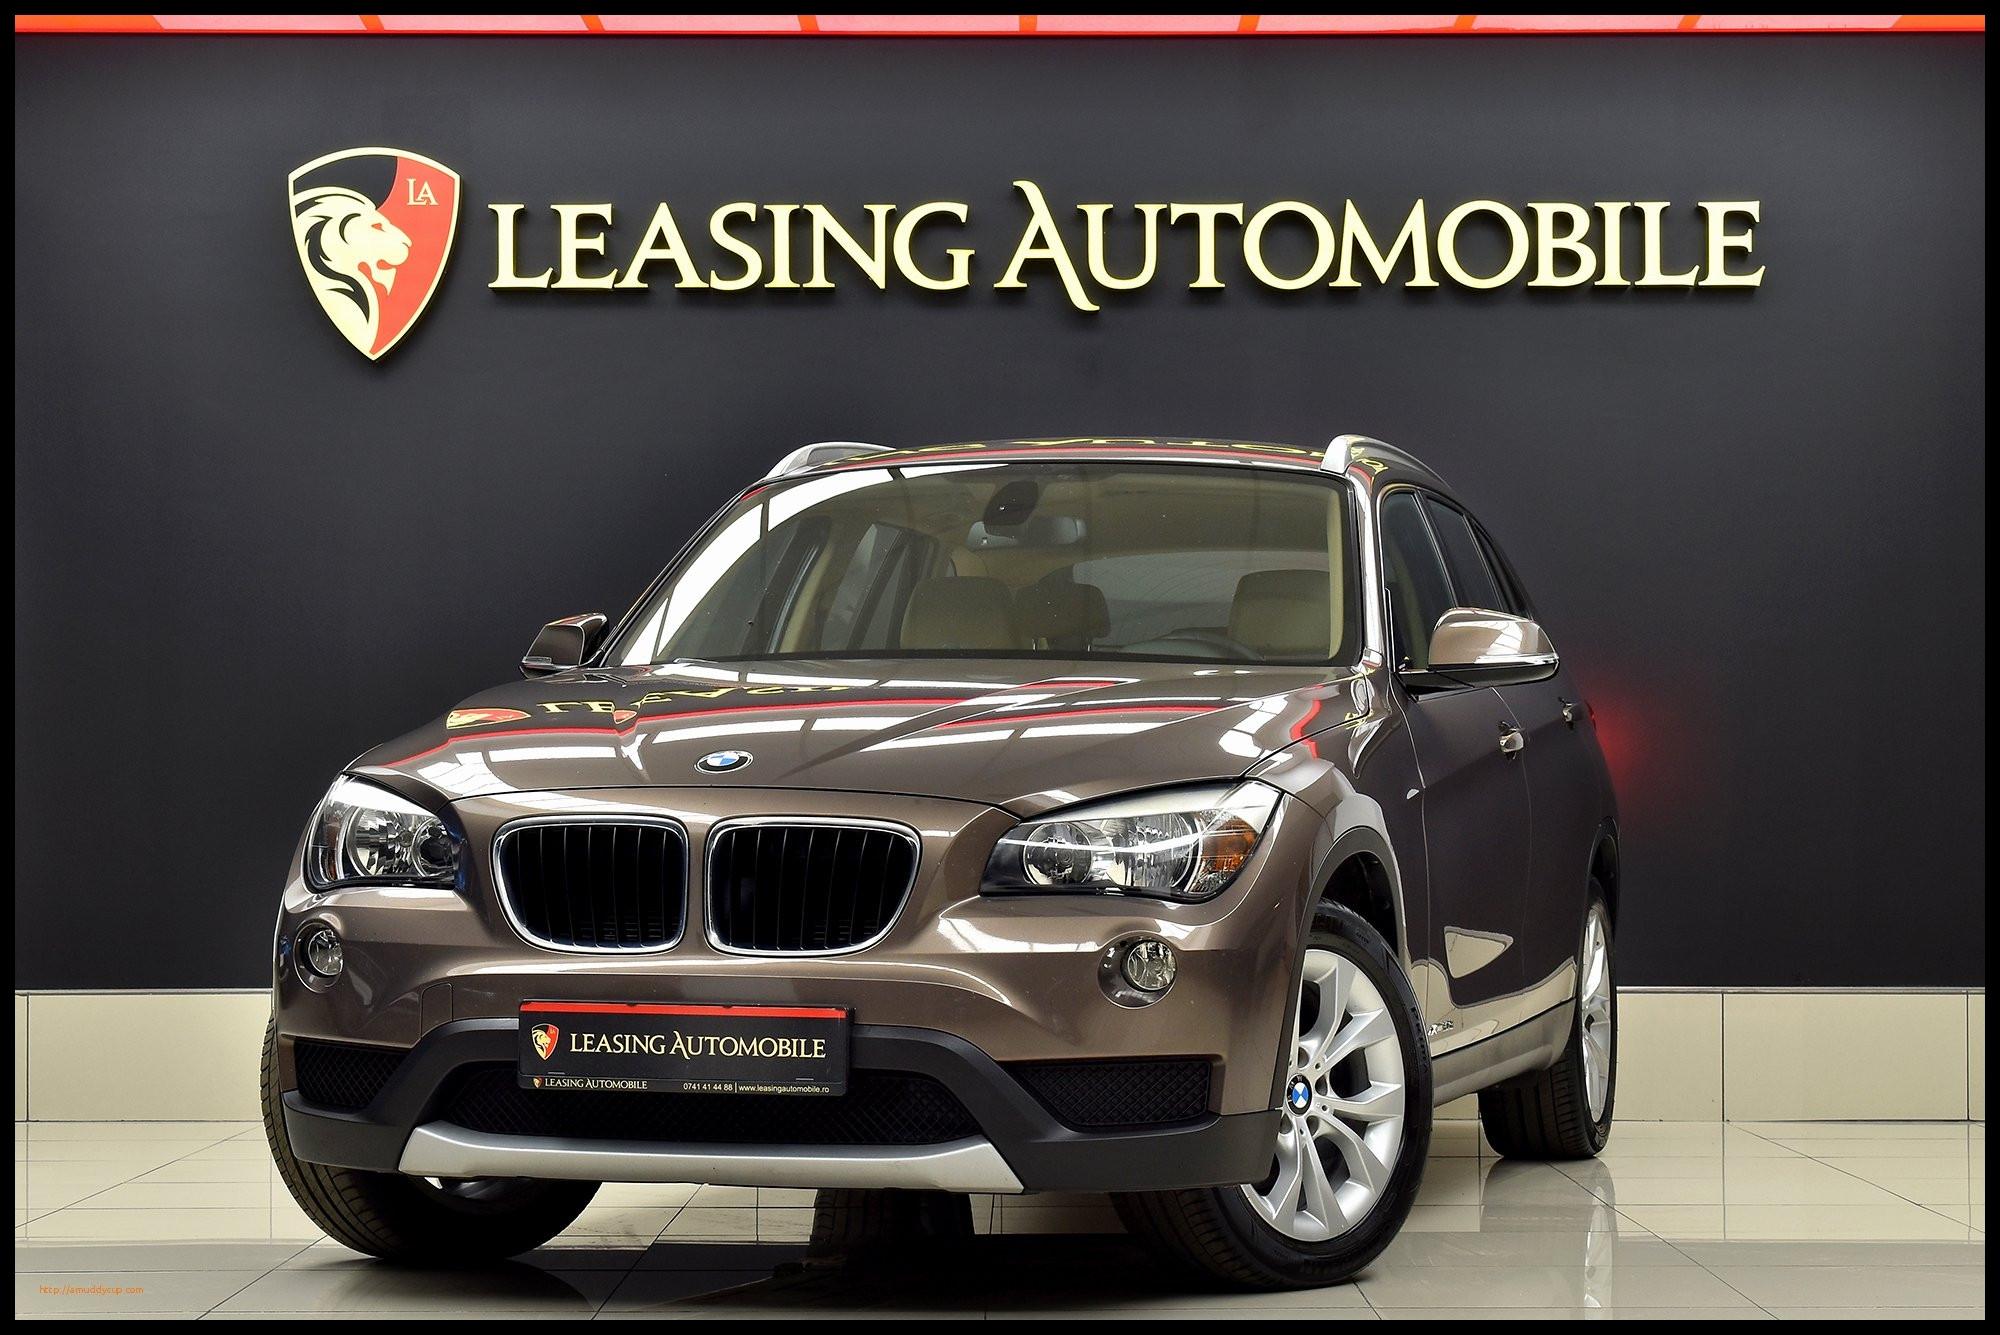 Bmw Electric Car Lease Los Angeles Fresh Bmw Los Angeles Best Lease Bmw X1 Beautiful Auto